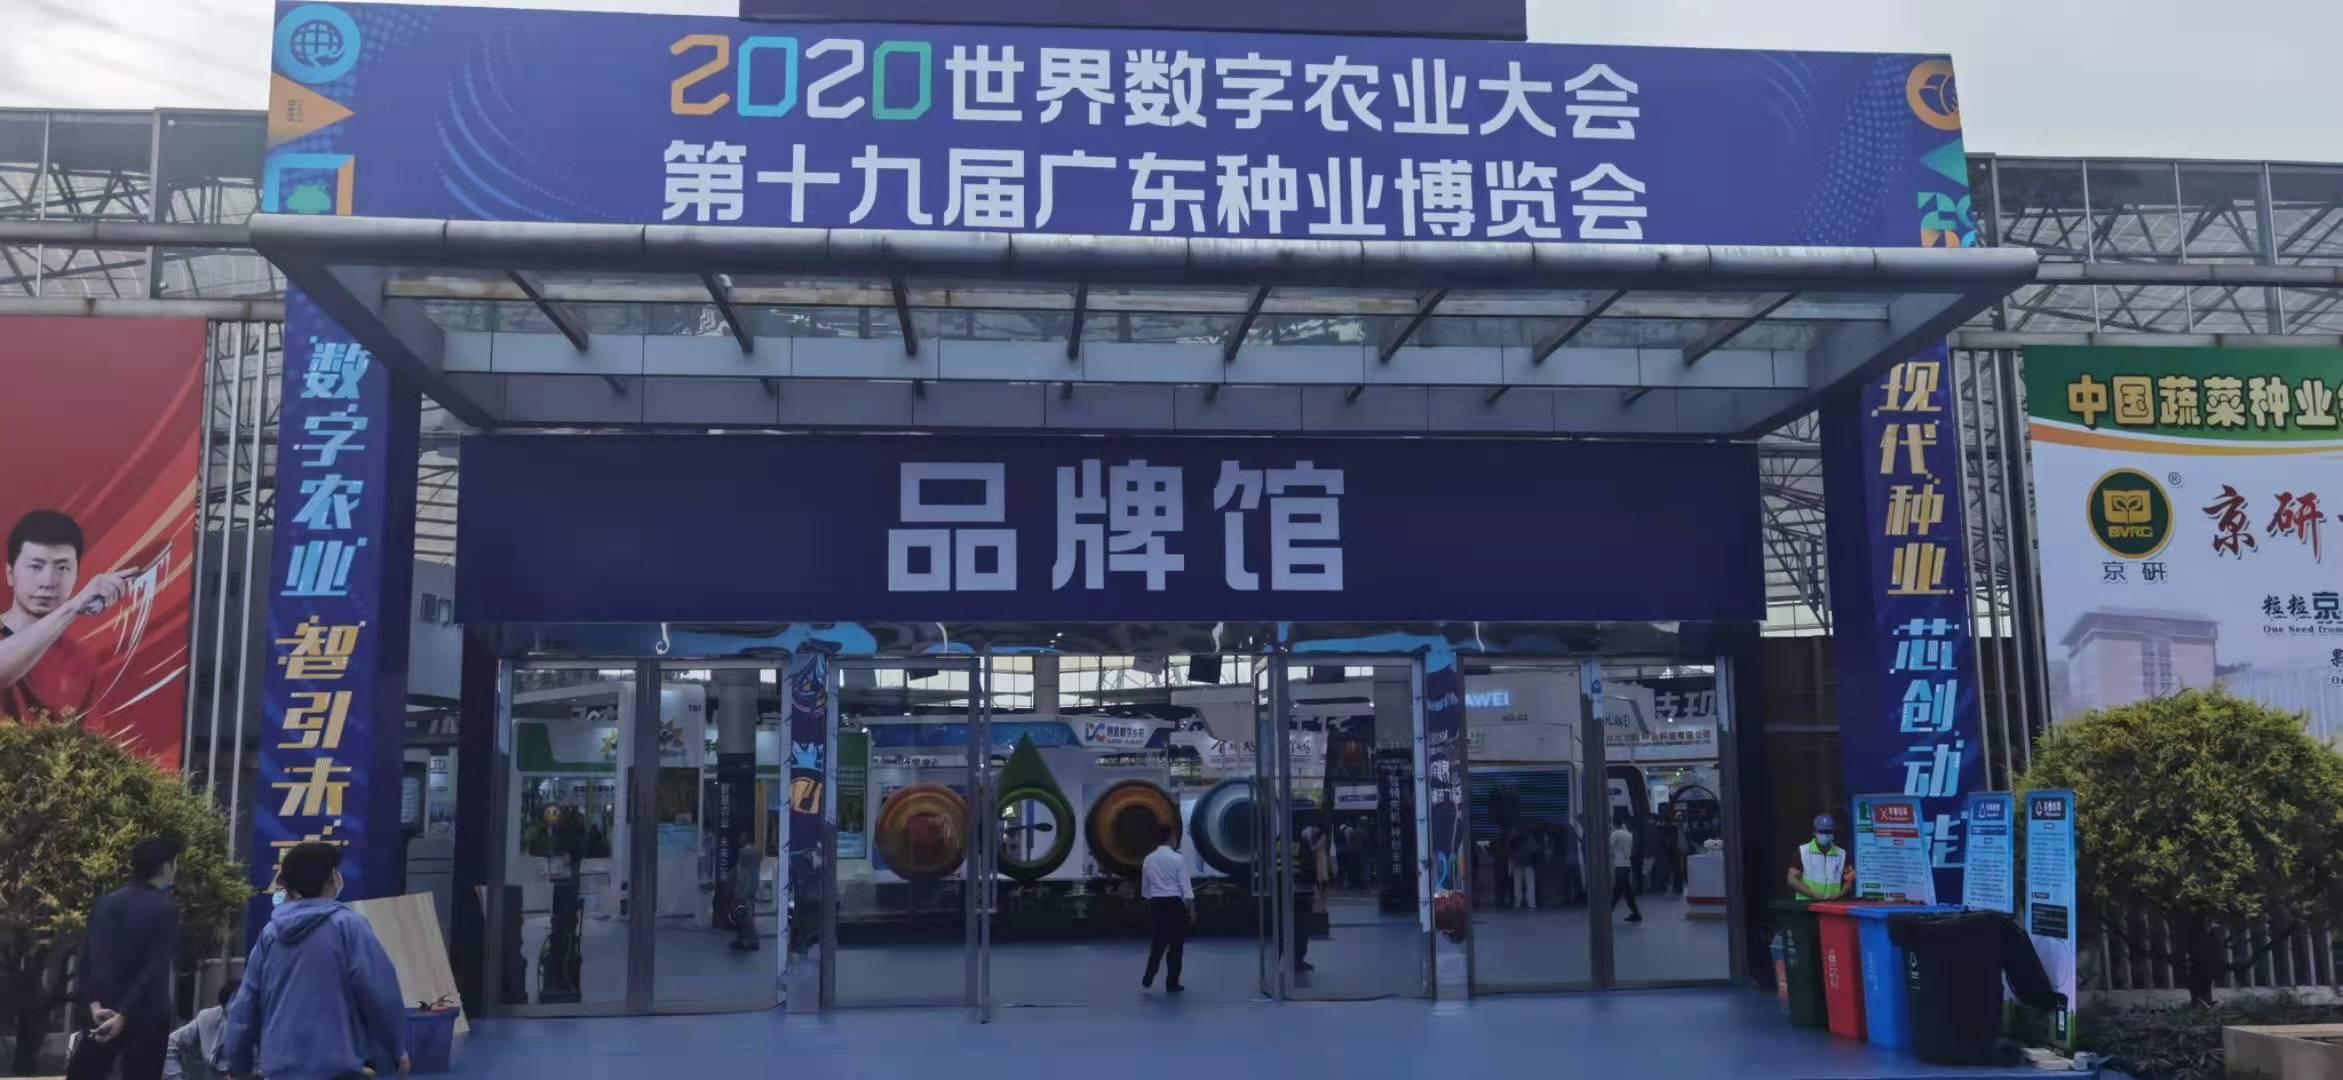 深圳(chou)市電子(zi)商(shang)務協會組團參加廣東(dong)種業博覽會